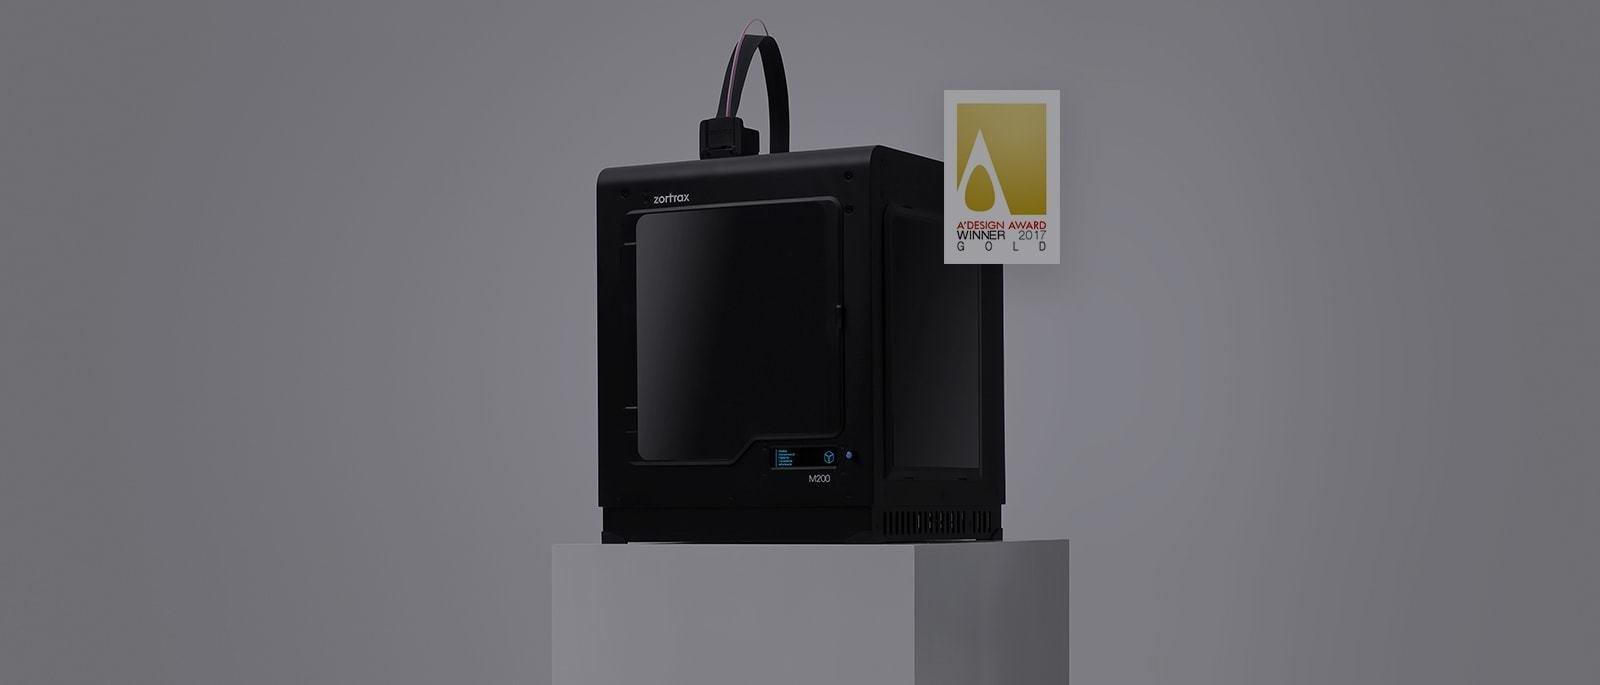 Golden A'Design Award for Zortrax M200 3D Printer